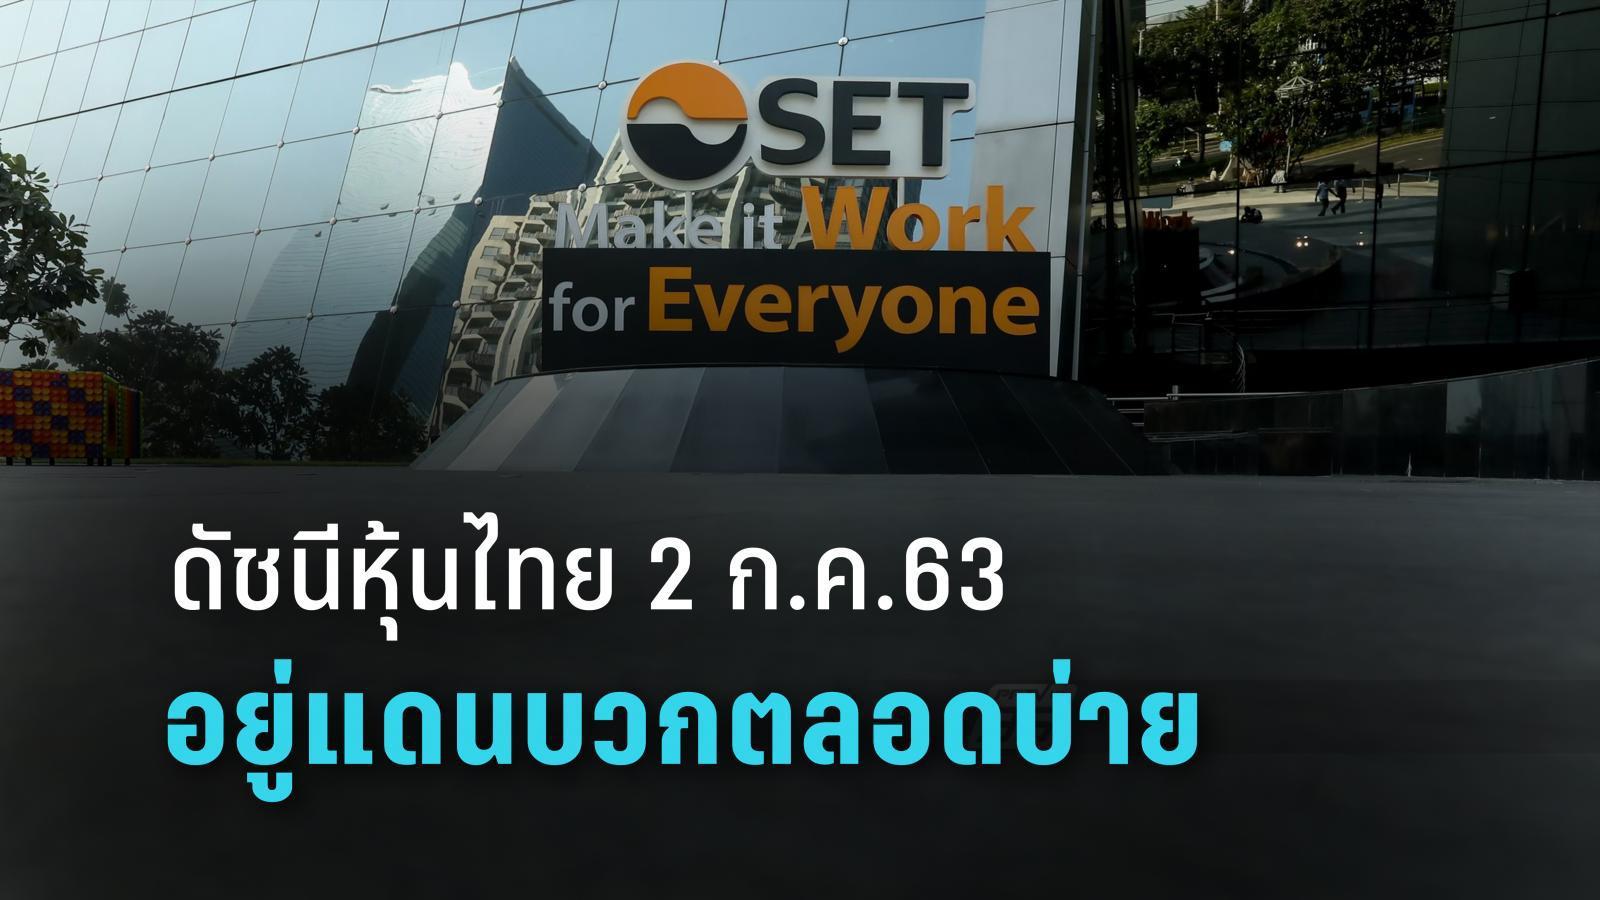 ดัชนีหุ้นไทย 2 ก.ค.2563 ปิดการซื้อขายภาคบ่าย +24.69 จุด